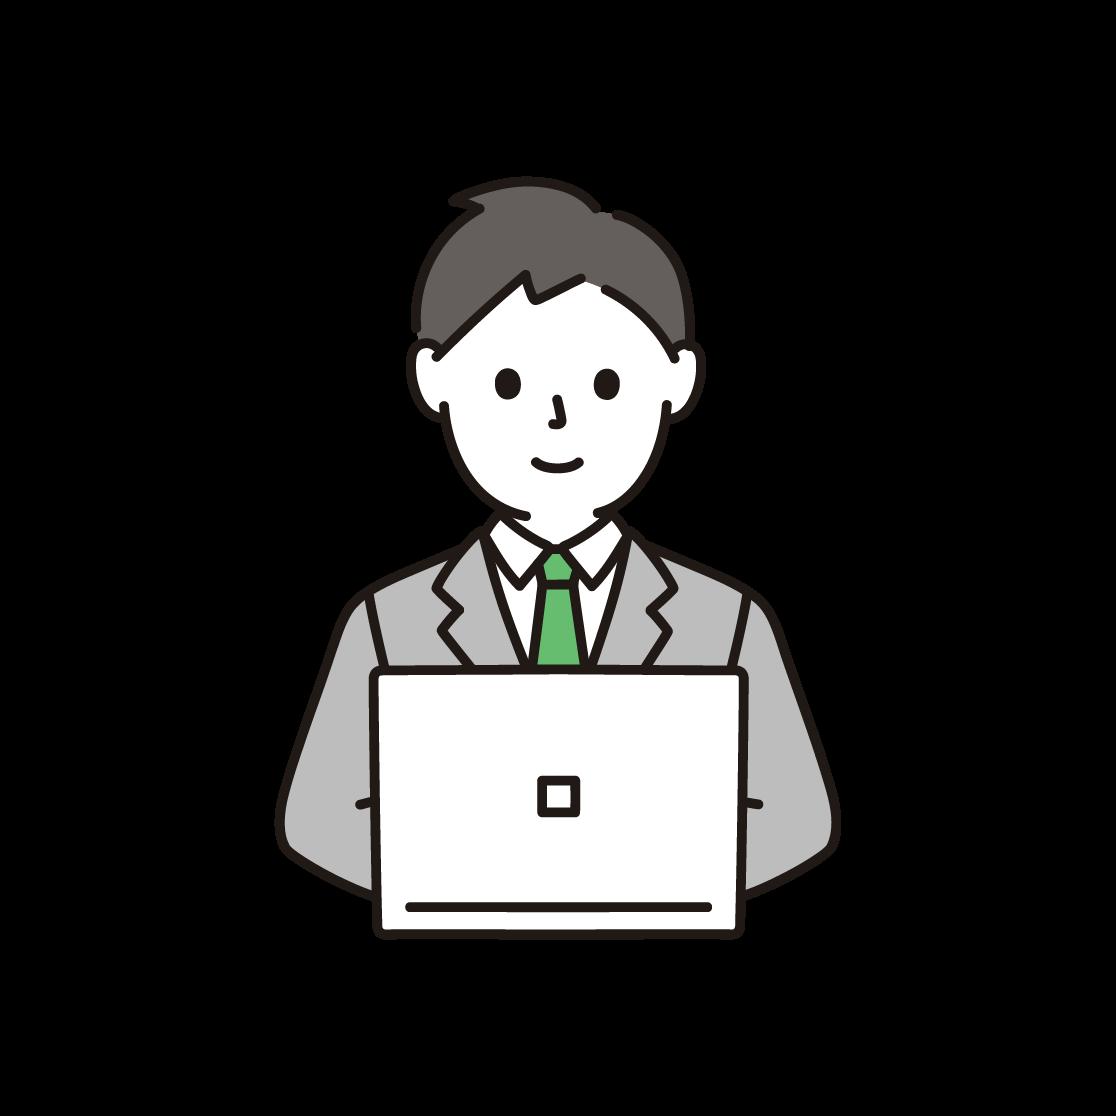 パソコンを打つビジネスマンのイラスト